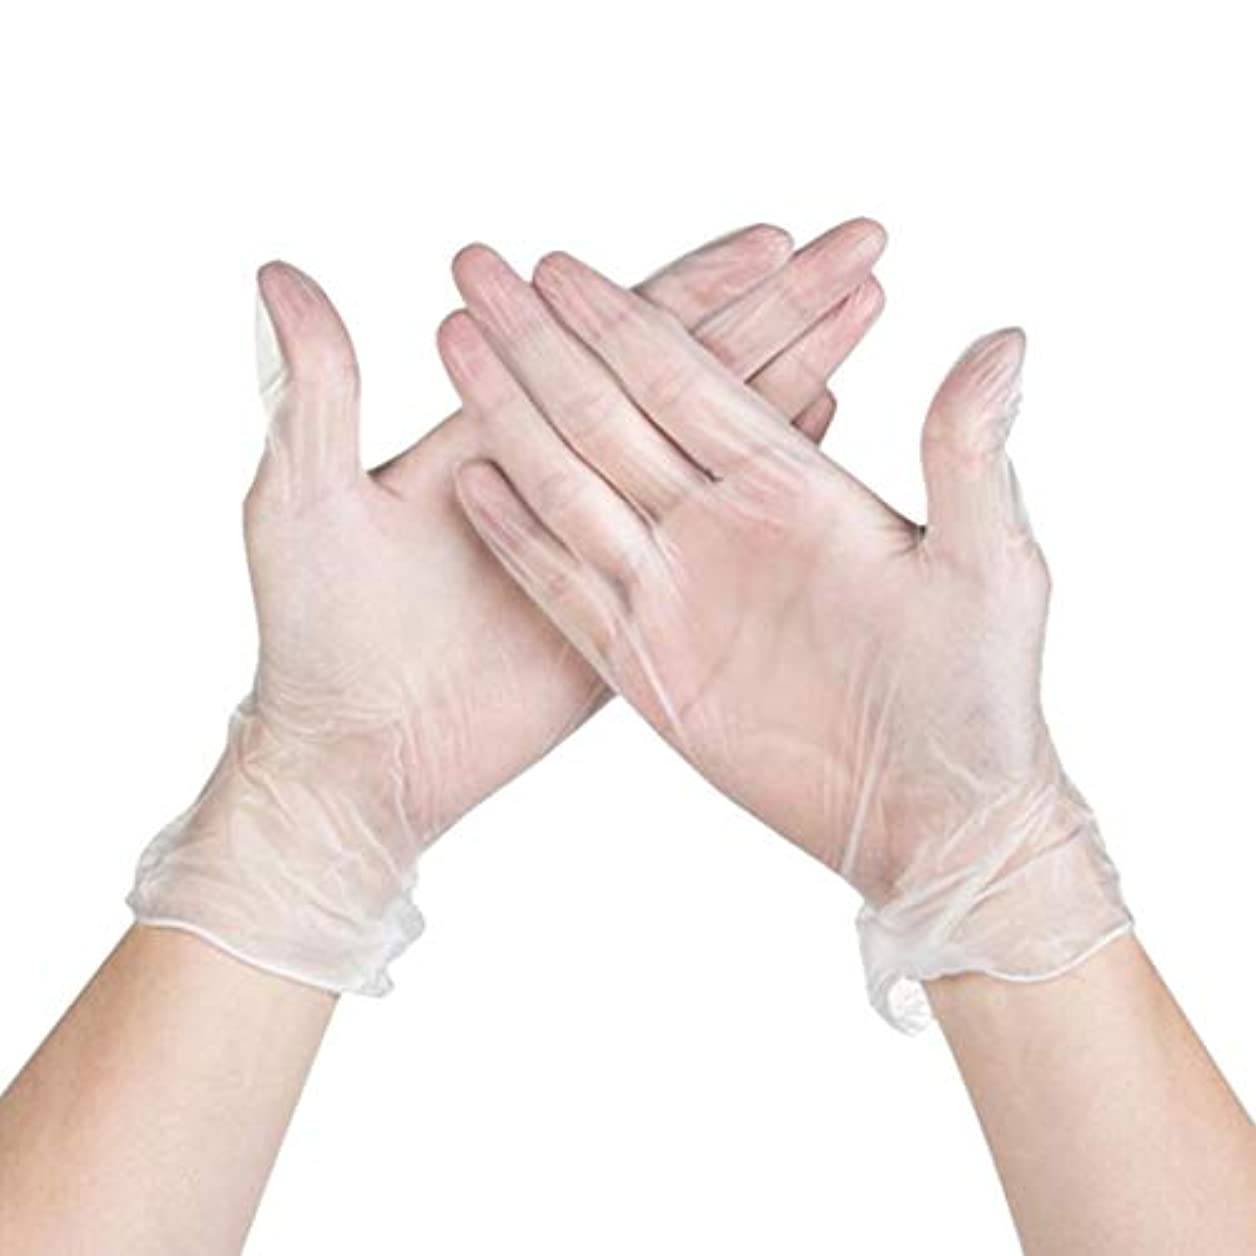 コークスクリーナー剣Yuena Care 使い捨て手袋 100枚入 透明 ポリエチレン 左右兼用 薄型 PVC手袋 耐油 料理 掃除 衛生 ホワイト 実用 医療 美容 科学実験 M